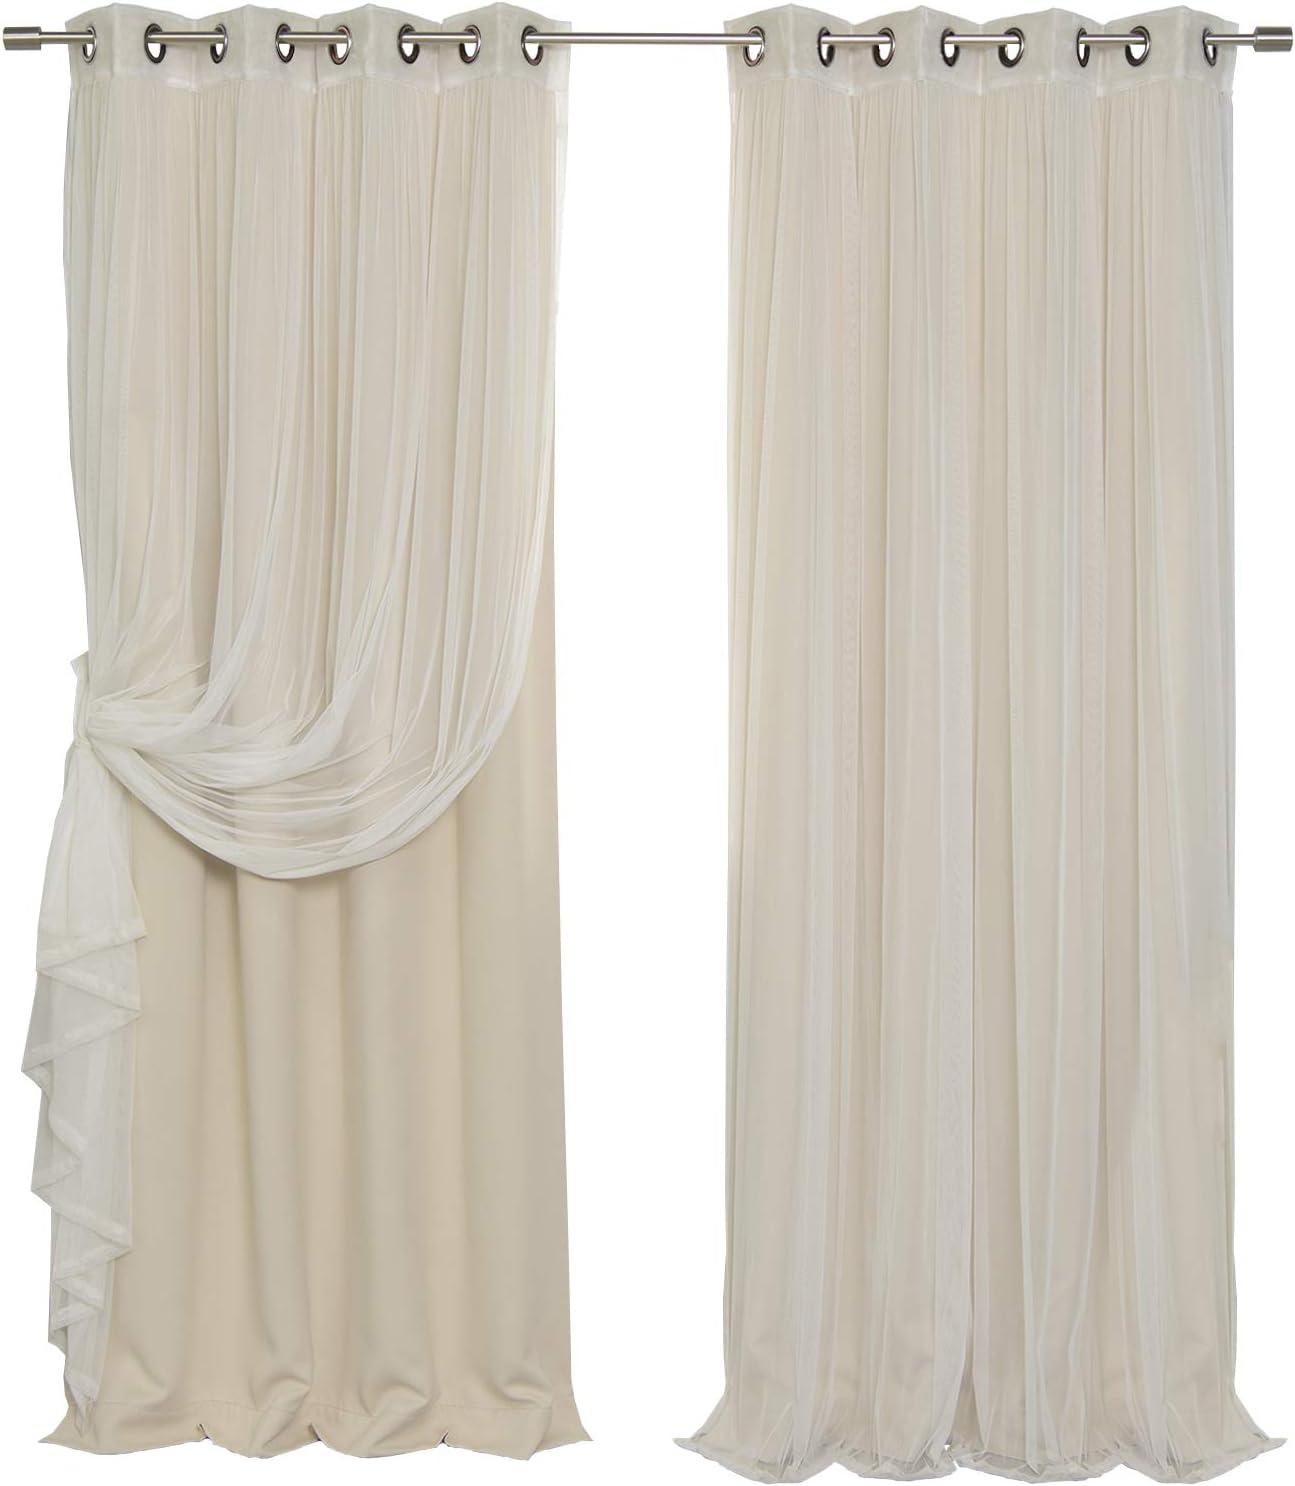 Best Home Fashion uMIXm Tulle Sheer Lace & Blackout 4 Piece Curtain Set - Antique Bronze Grommet Top - Beige - 52